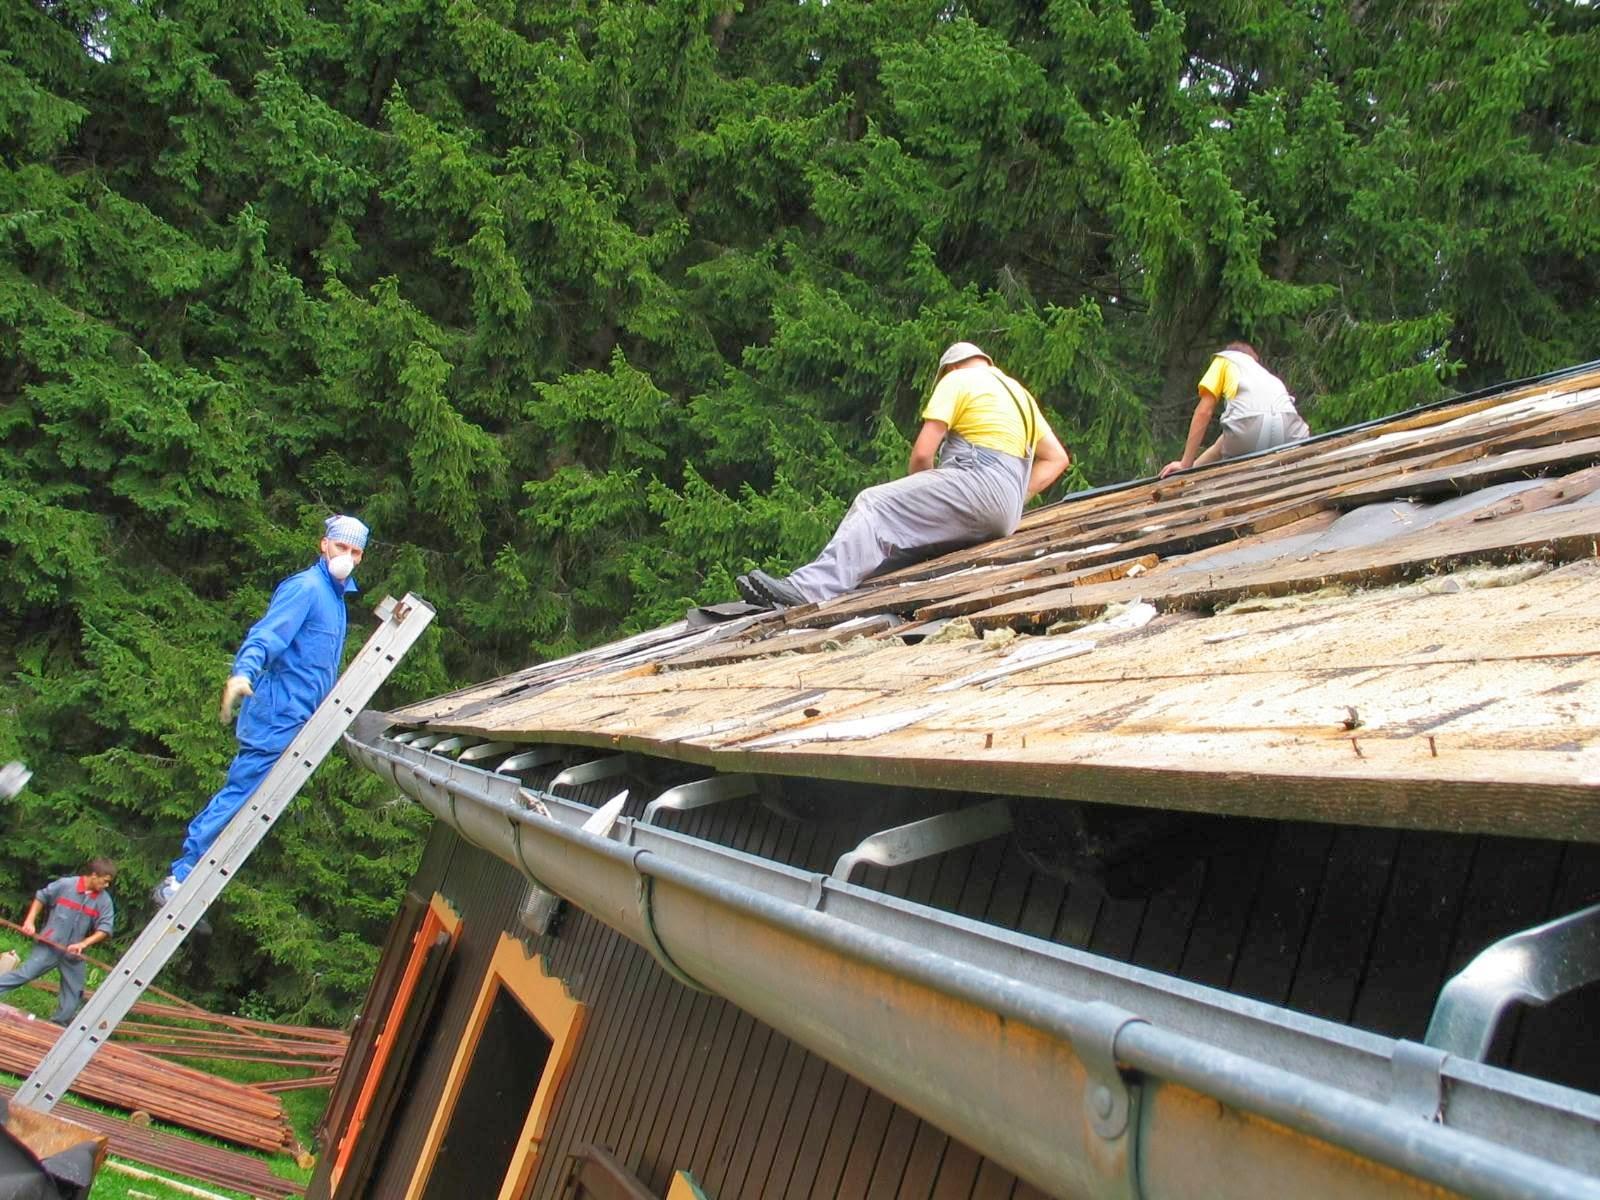 Delovna akcija - Streha, Črni dol 2006 - streha%2B074.jpg